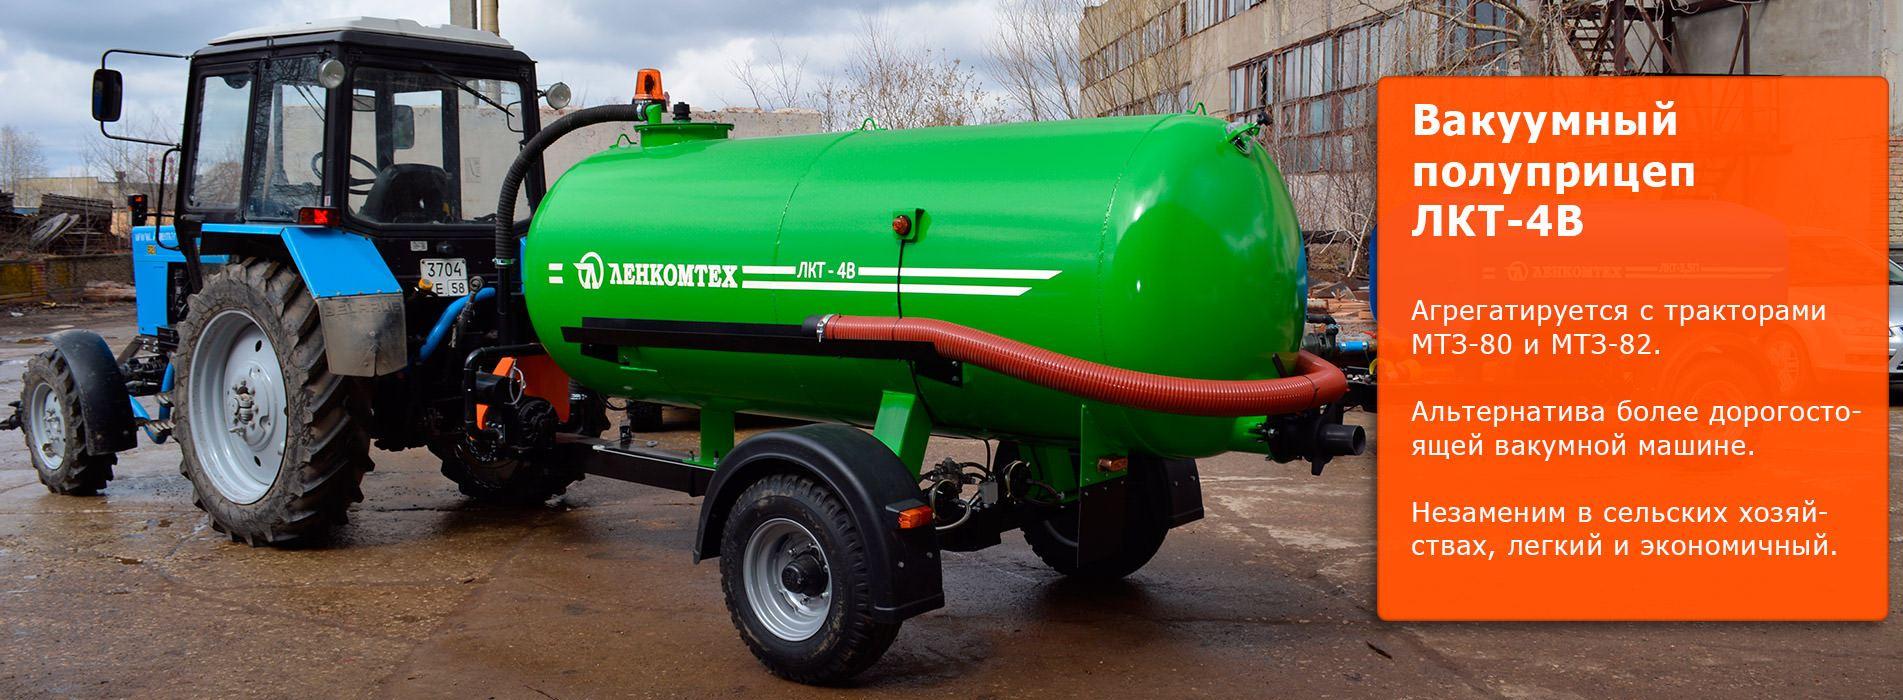 Шины для тракторов и сельскохозяйственных машин - beltyre.by